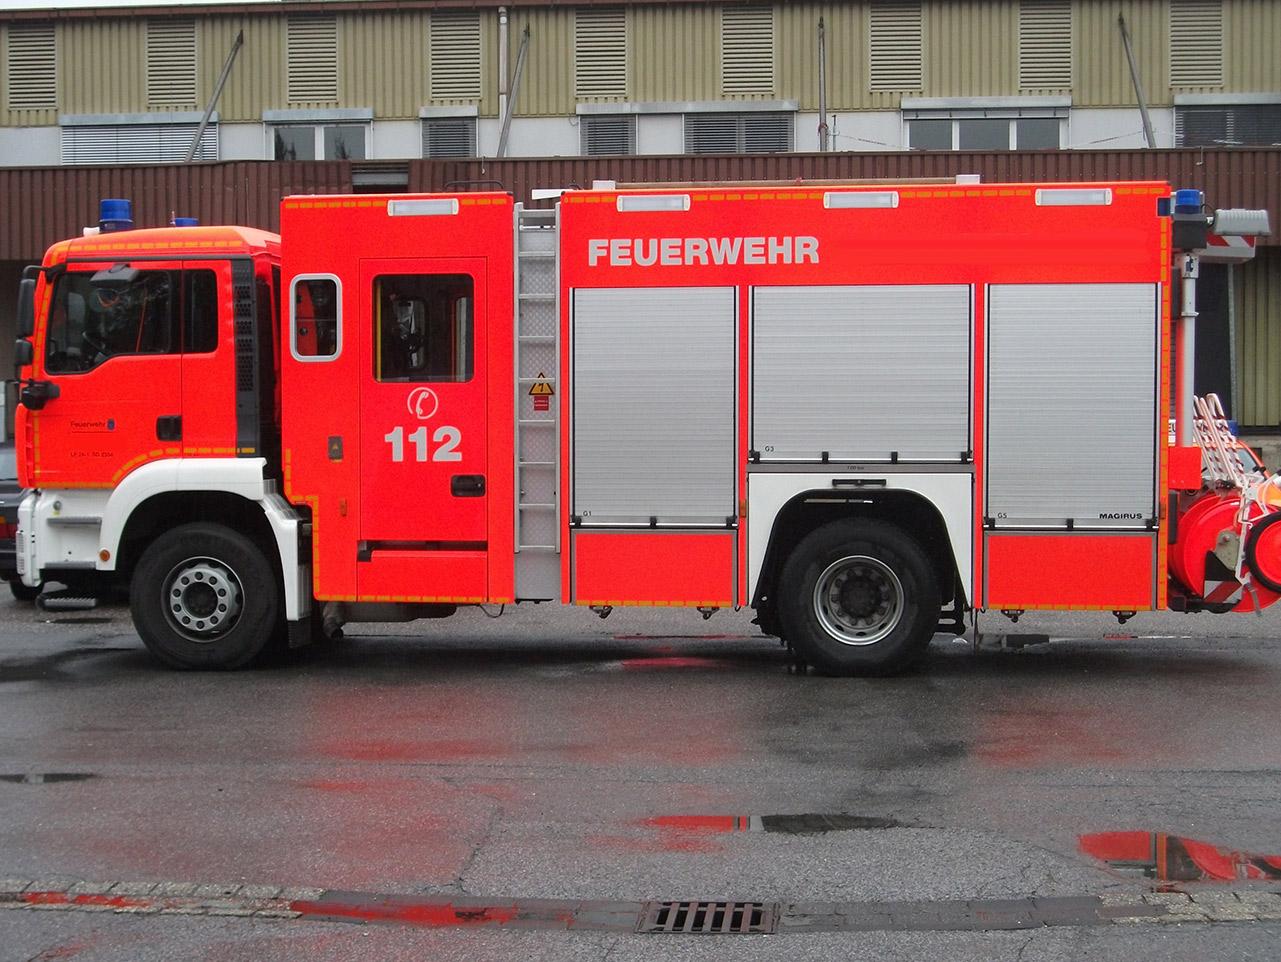 Sicheres Fahren von Feuerwehrfahrzeugen